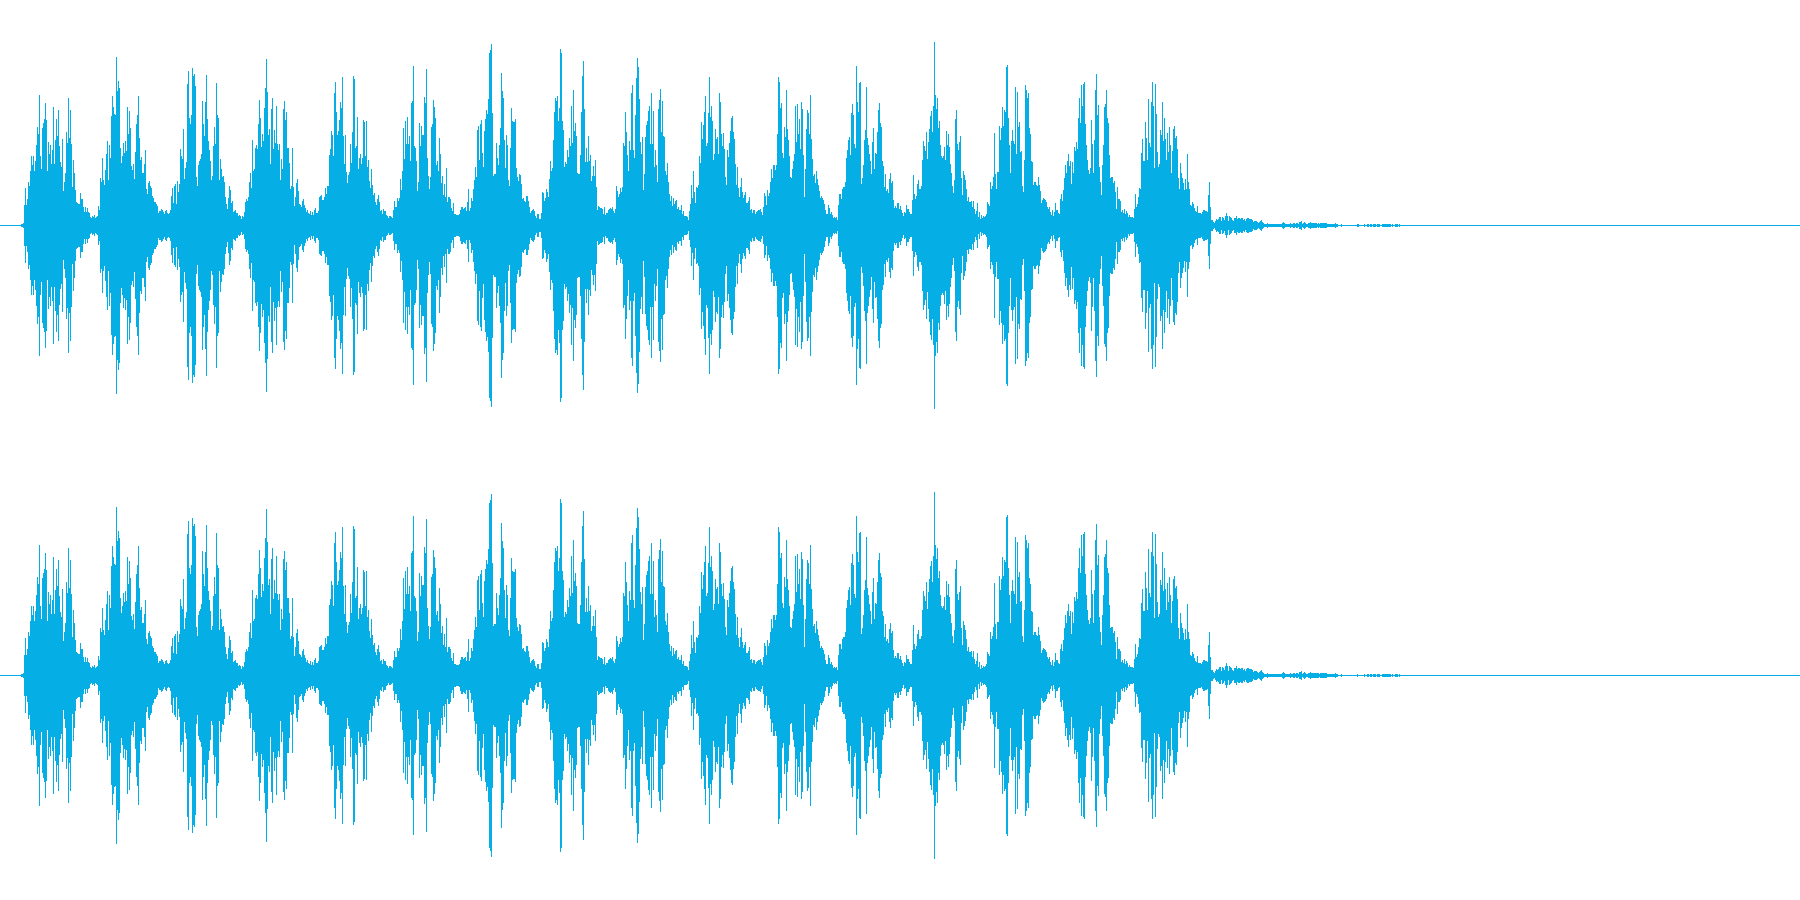 じたばたじたばた(ジタバタする音)の再生済みの波形